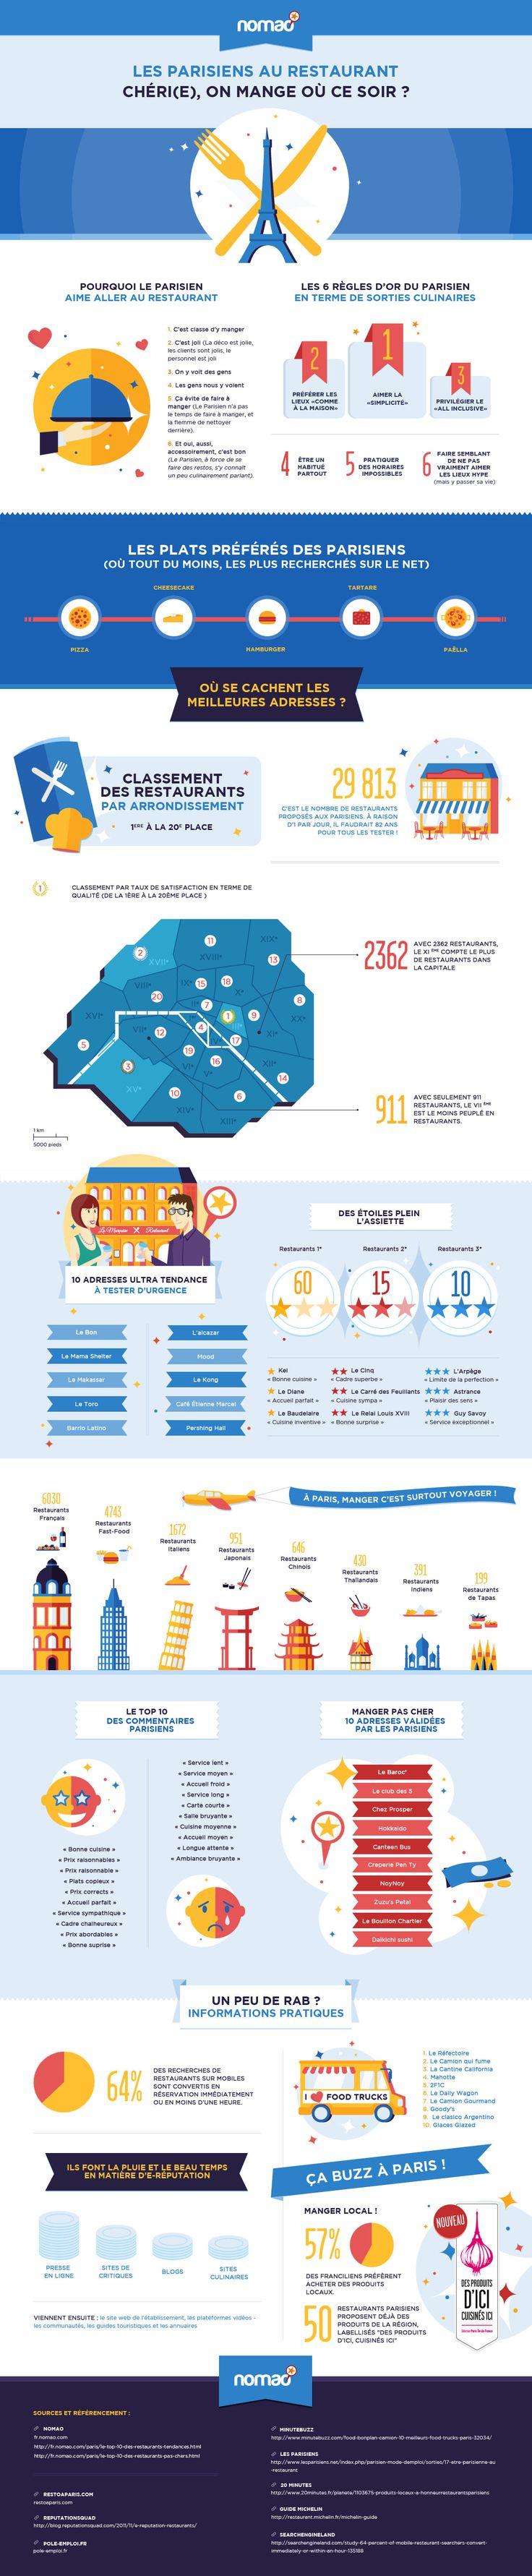 Nomao propose à l'occasion de la rentrée une infographie dédiée aux restaurants à Paris. Découvrez les meilleurs lieux de la capitale : le top 10 des adresses les plus tendance en passant par le top 10 des restaurants alliant qualité et petits prix ! Au menu, nous vous proposons également les tops commentaires des parisiens sur les sites de critiques.